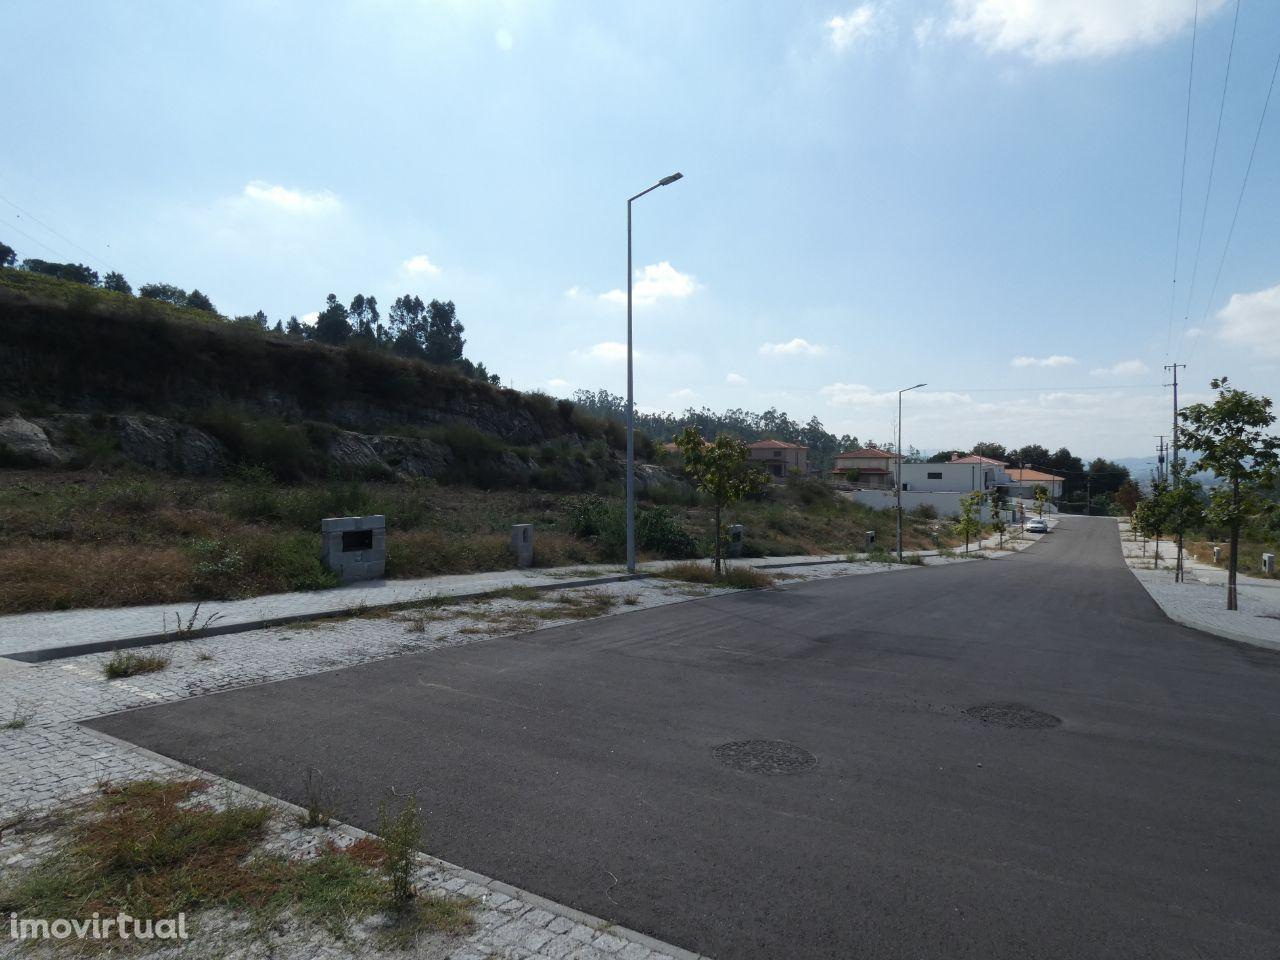 Lote Terreno para Construção - Prazins Santo Tirso - Guimarães